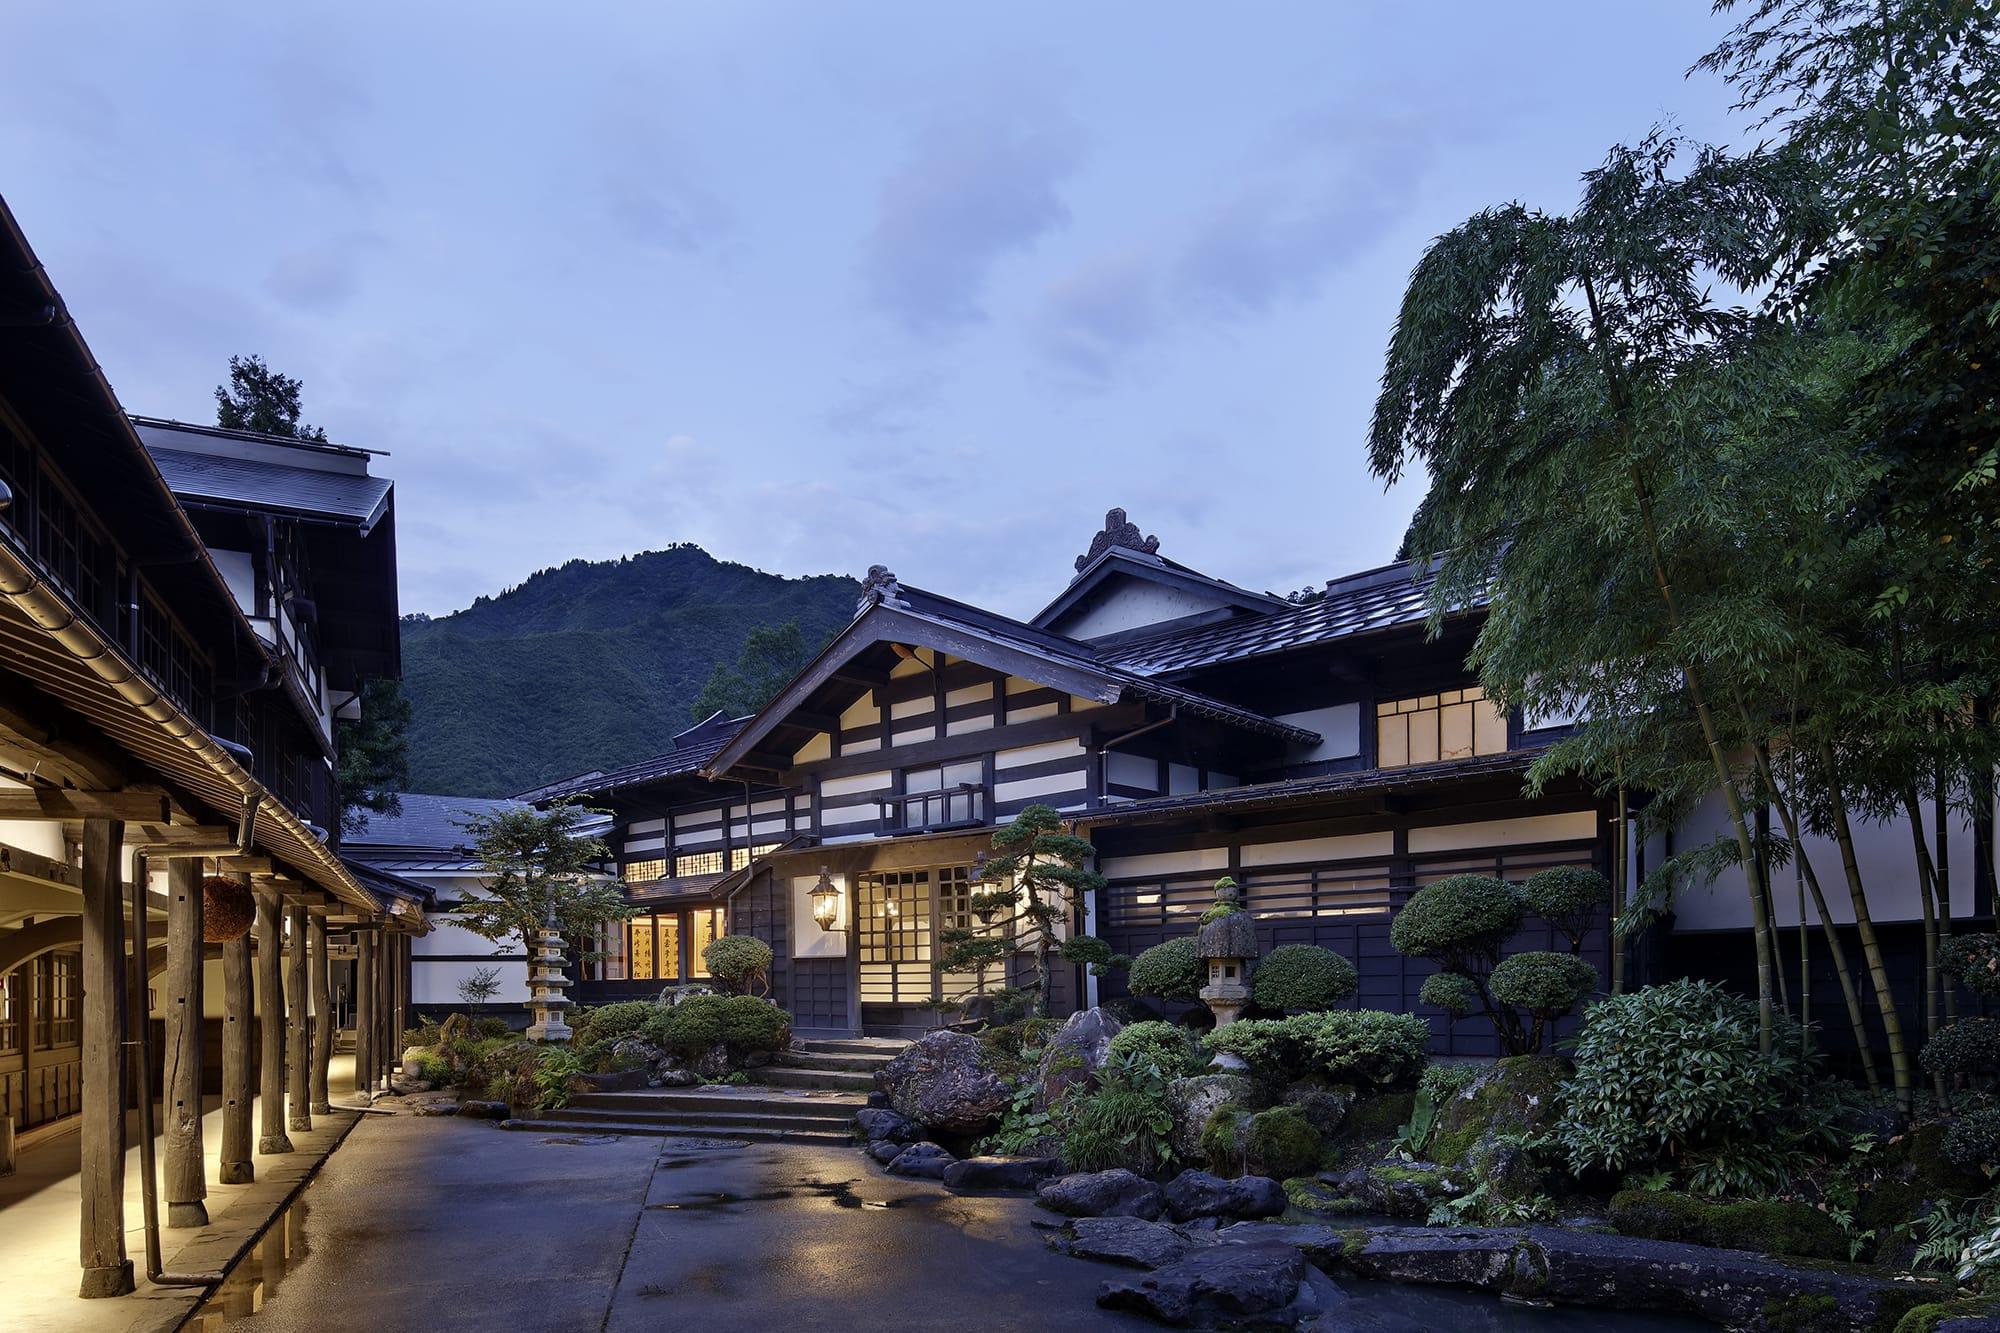 地元の豪農の屋敷など8つの古民家を移築し、文化財にも指定された老舗旅館「温泉御宿 龍言」をリニューアル。